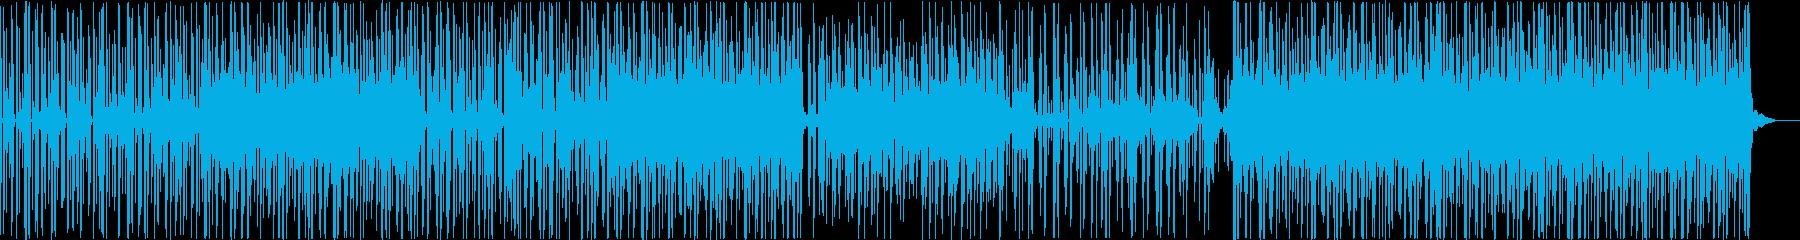 グルーヴ感のあるロードムービーBGMの再生済みの波形